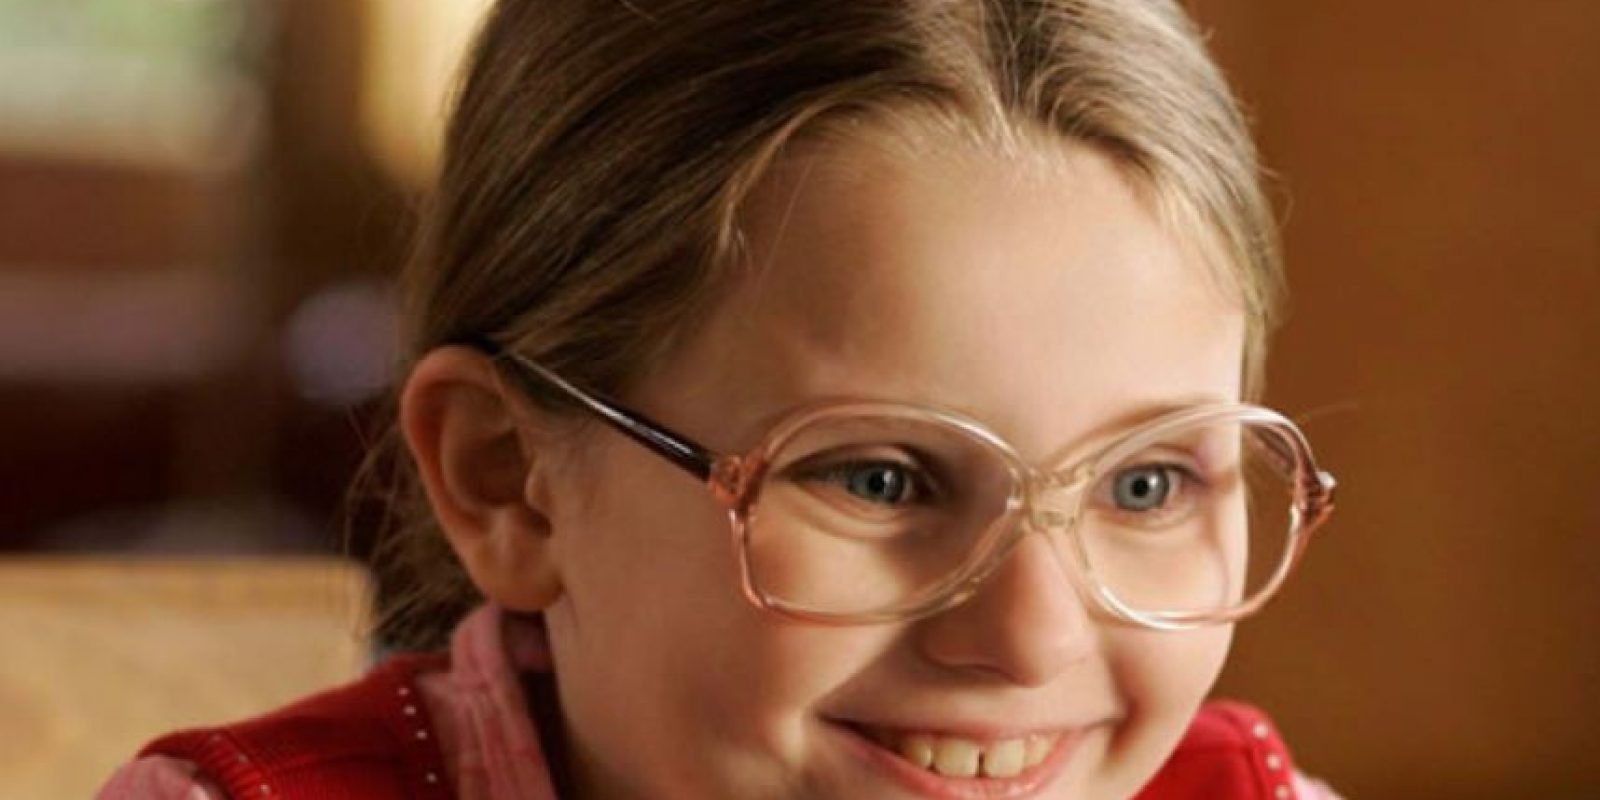 Por este papel fue nominada al Oscar. Foto:vía Getty Images. Imagen Por: